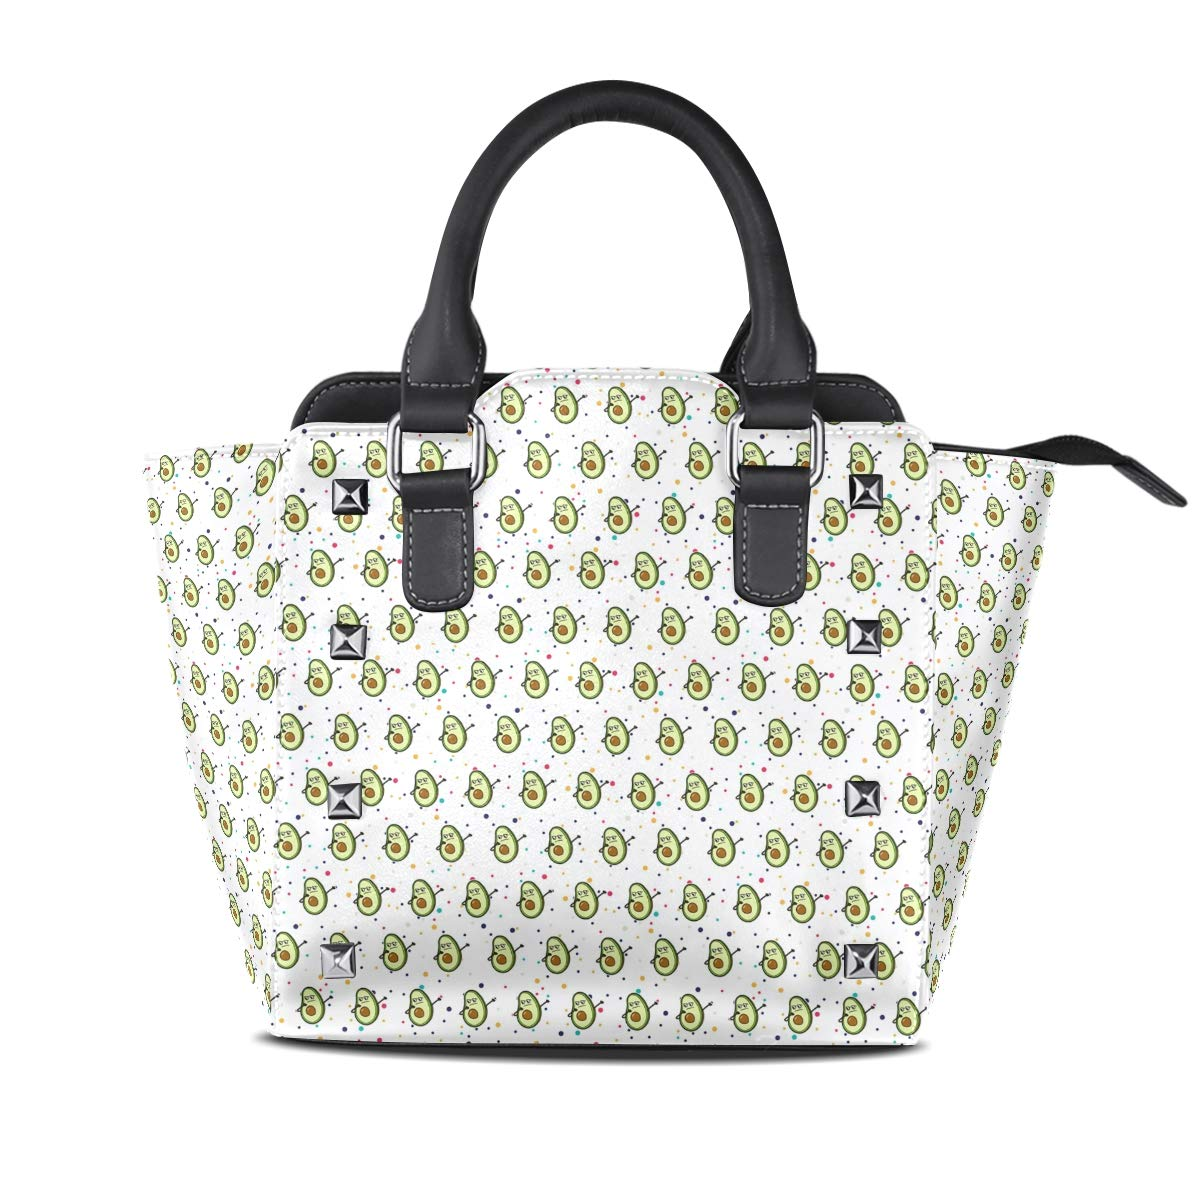 Design5 Handbag Bees And Flowers Genuine Leather Tote Rivet Bag Shoulder Strap Top Handle Women